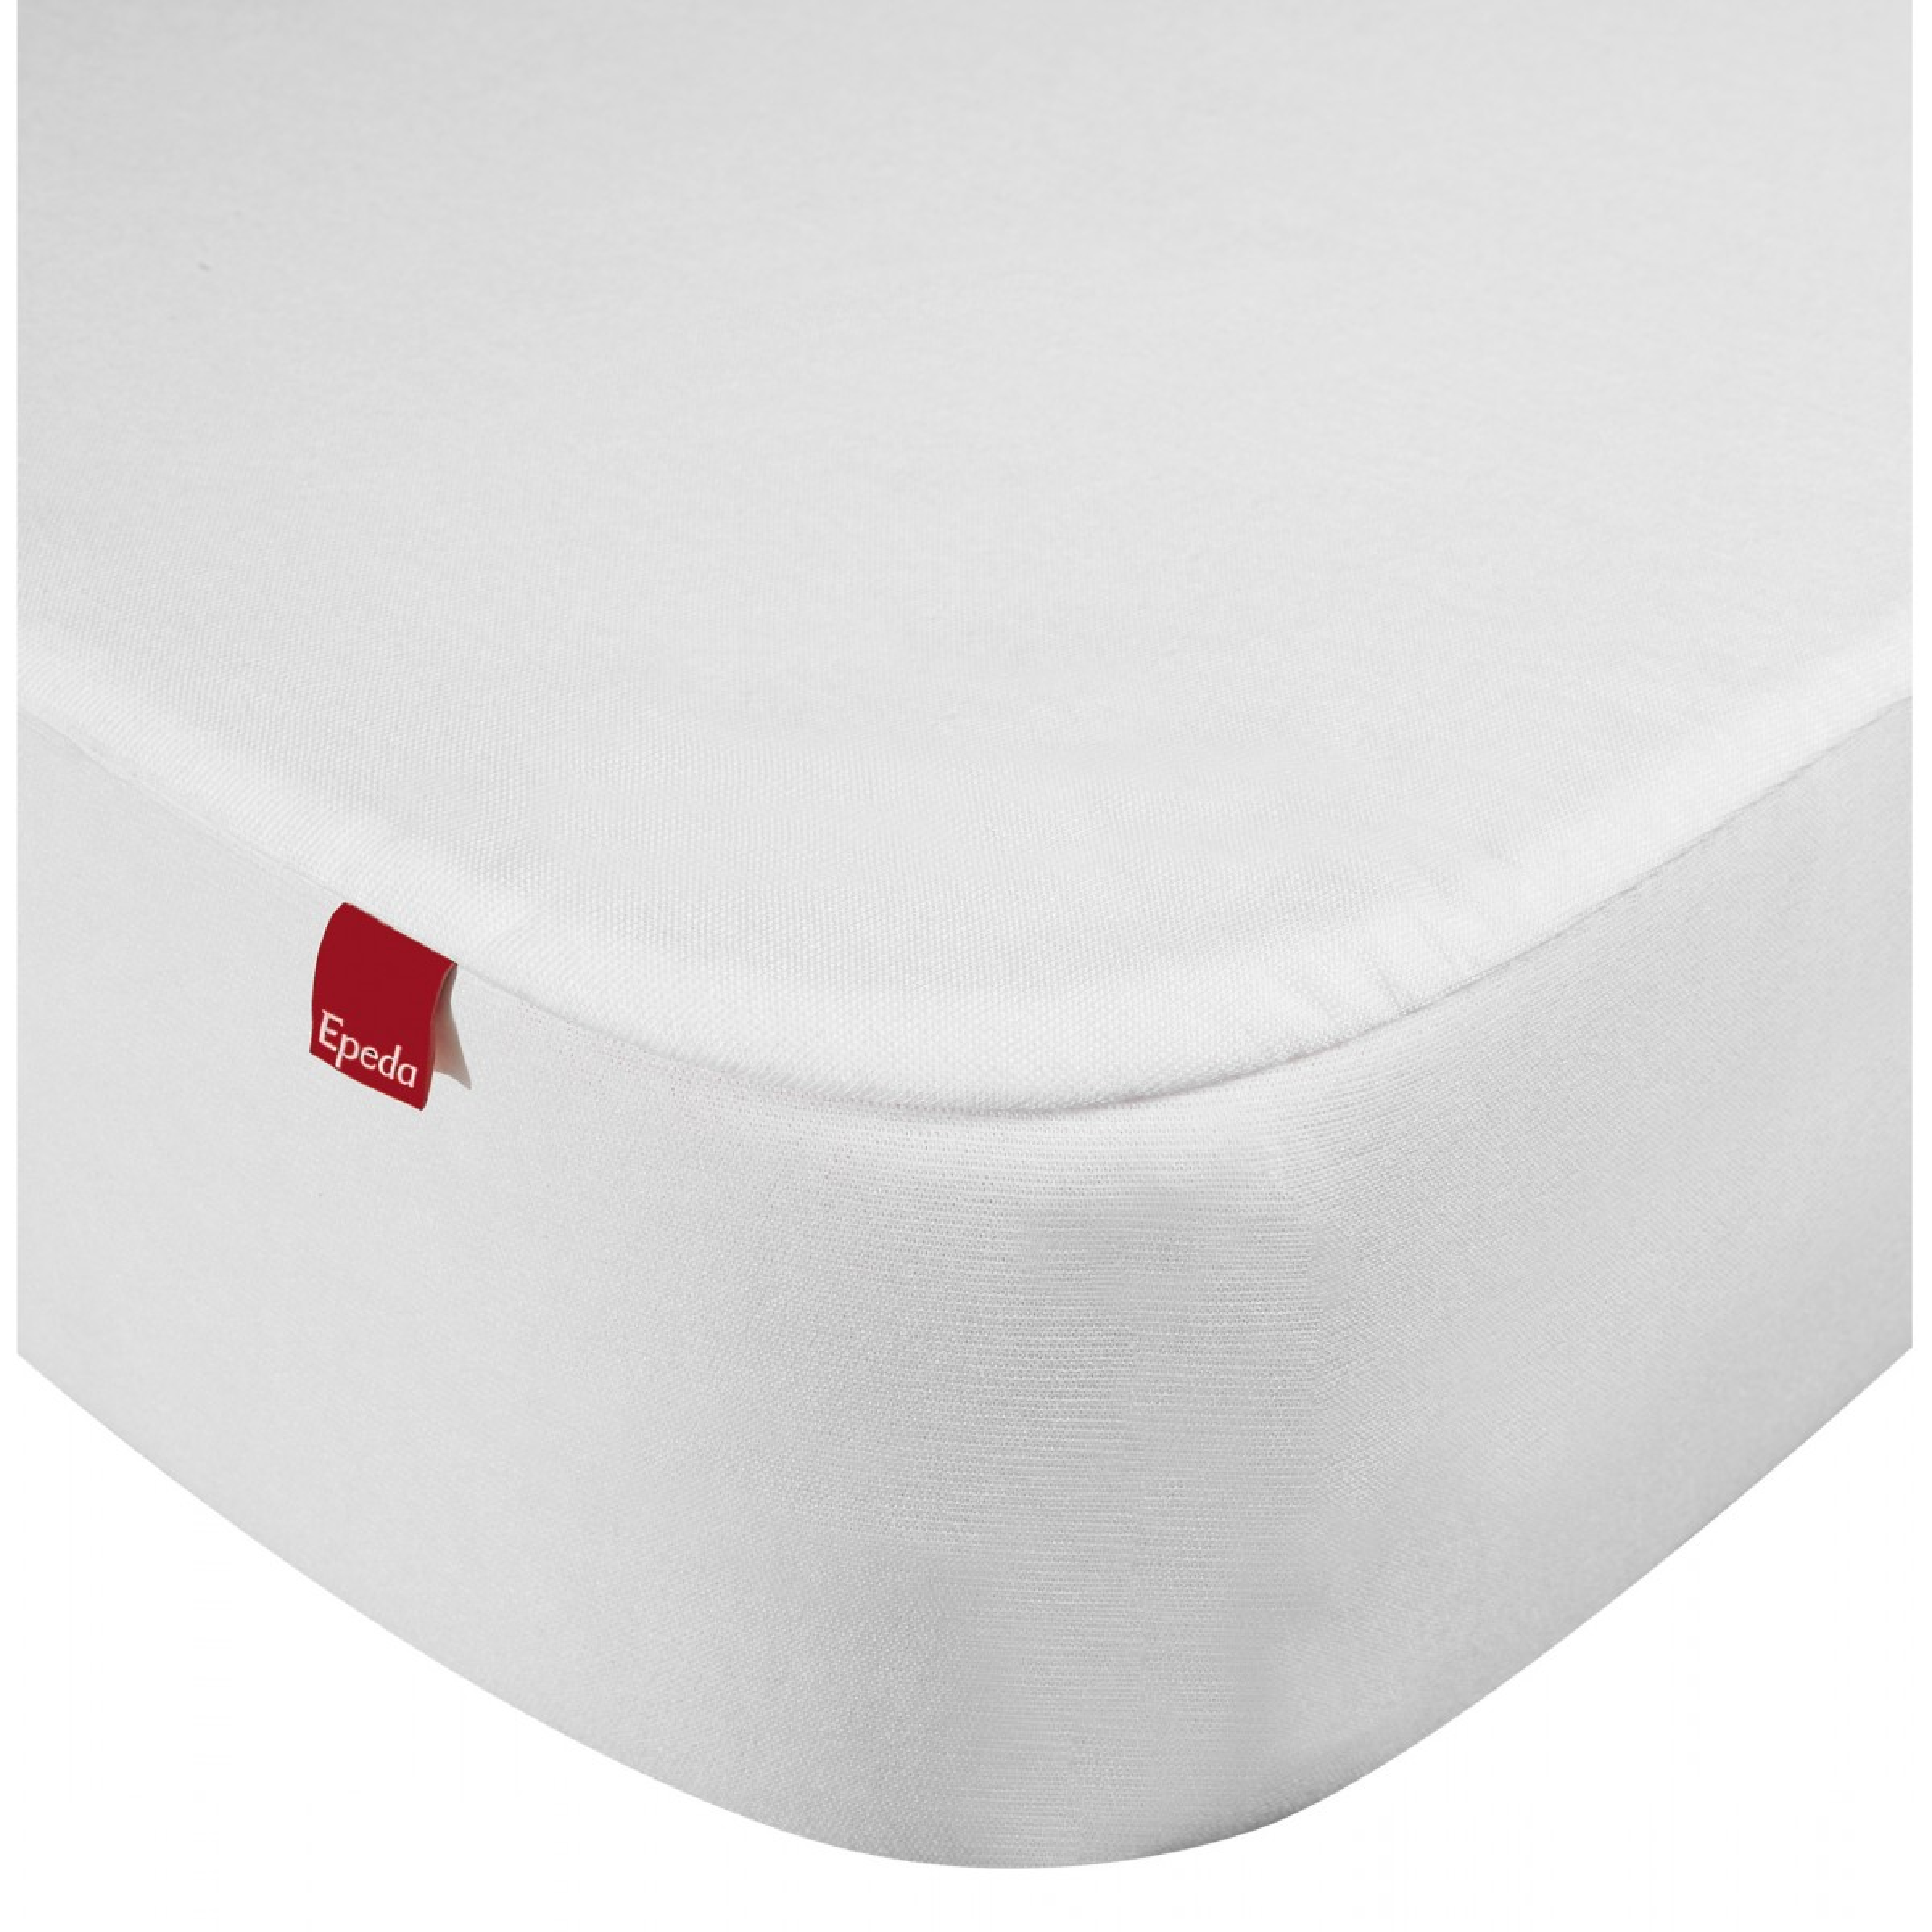 Drap housse protège matelas imperméable 2 en 1 blanc 80x190/200